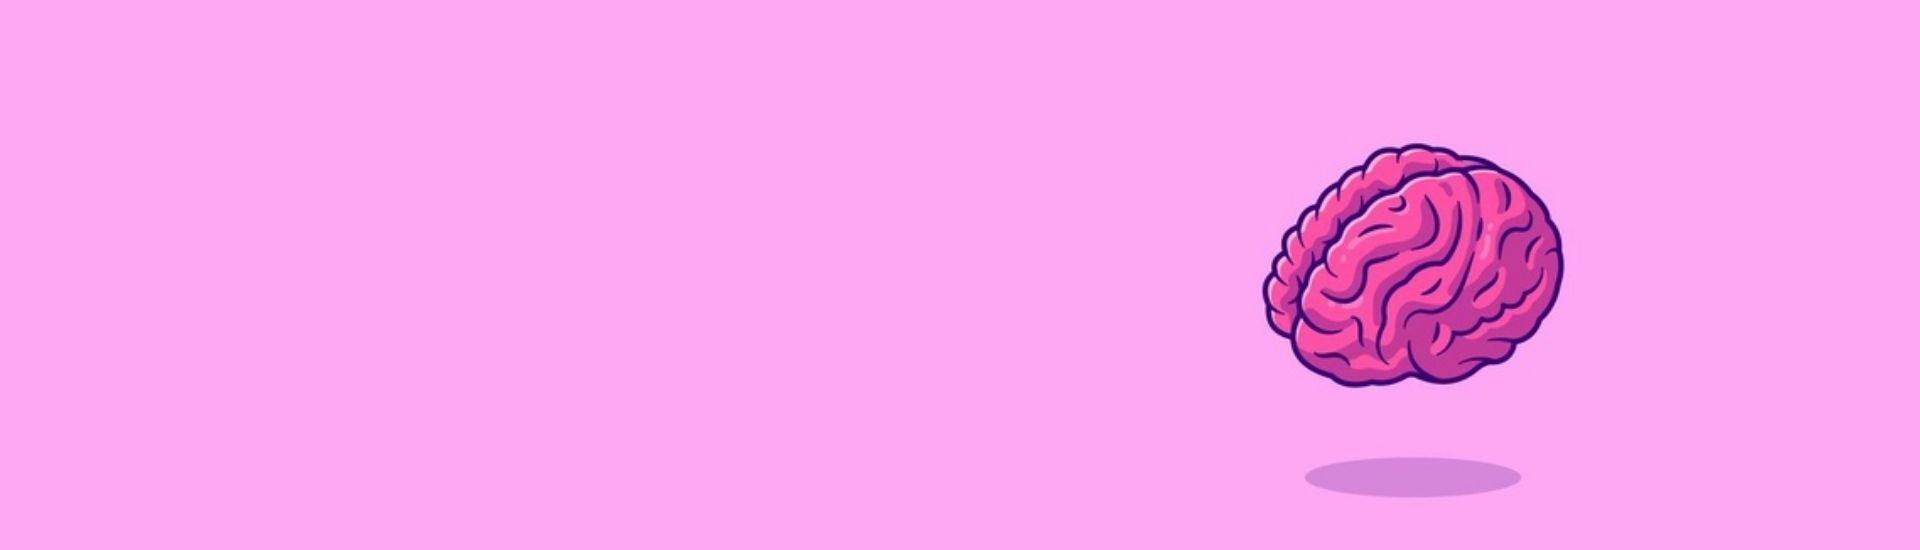 Ilustración de un cerebro rosado, en alusión a la nota sobre mitos sobre el aprendizaje